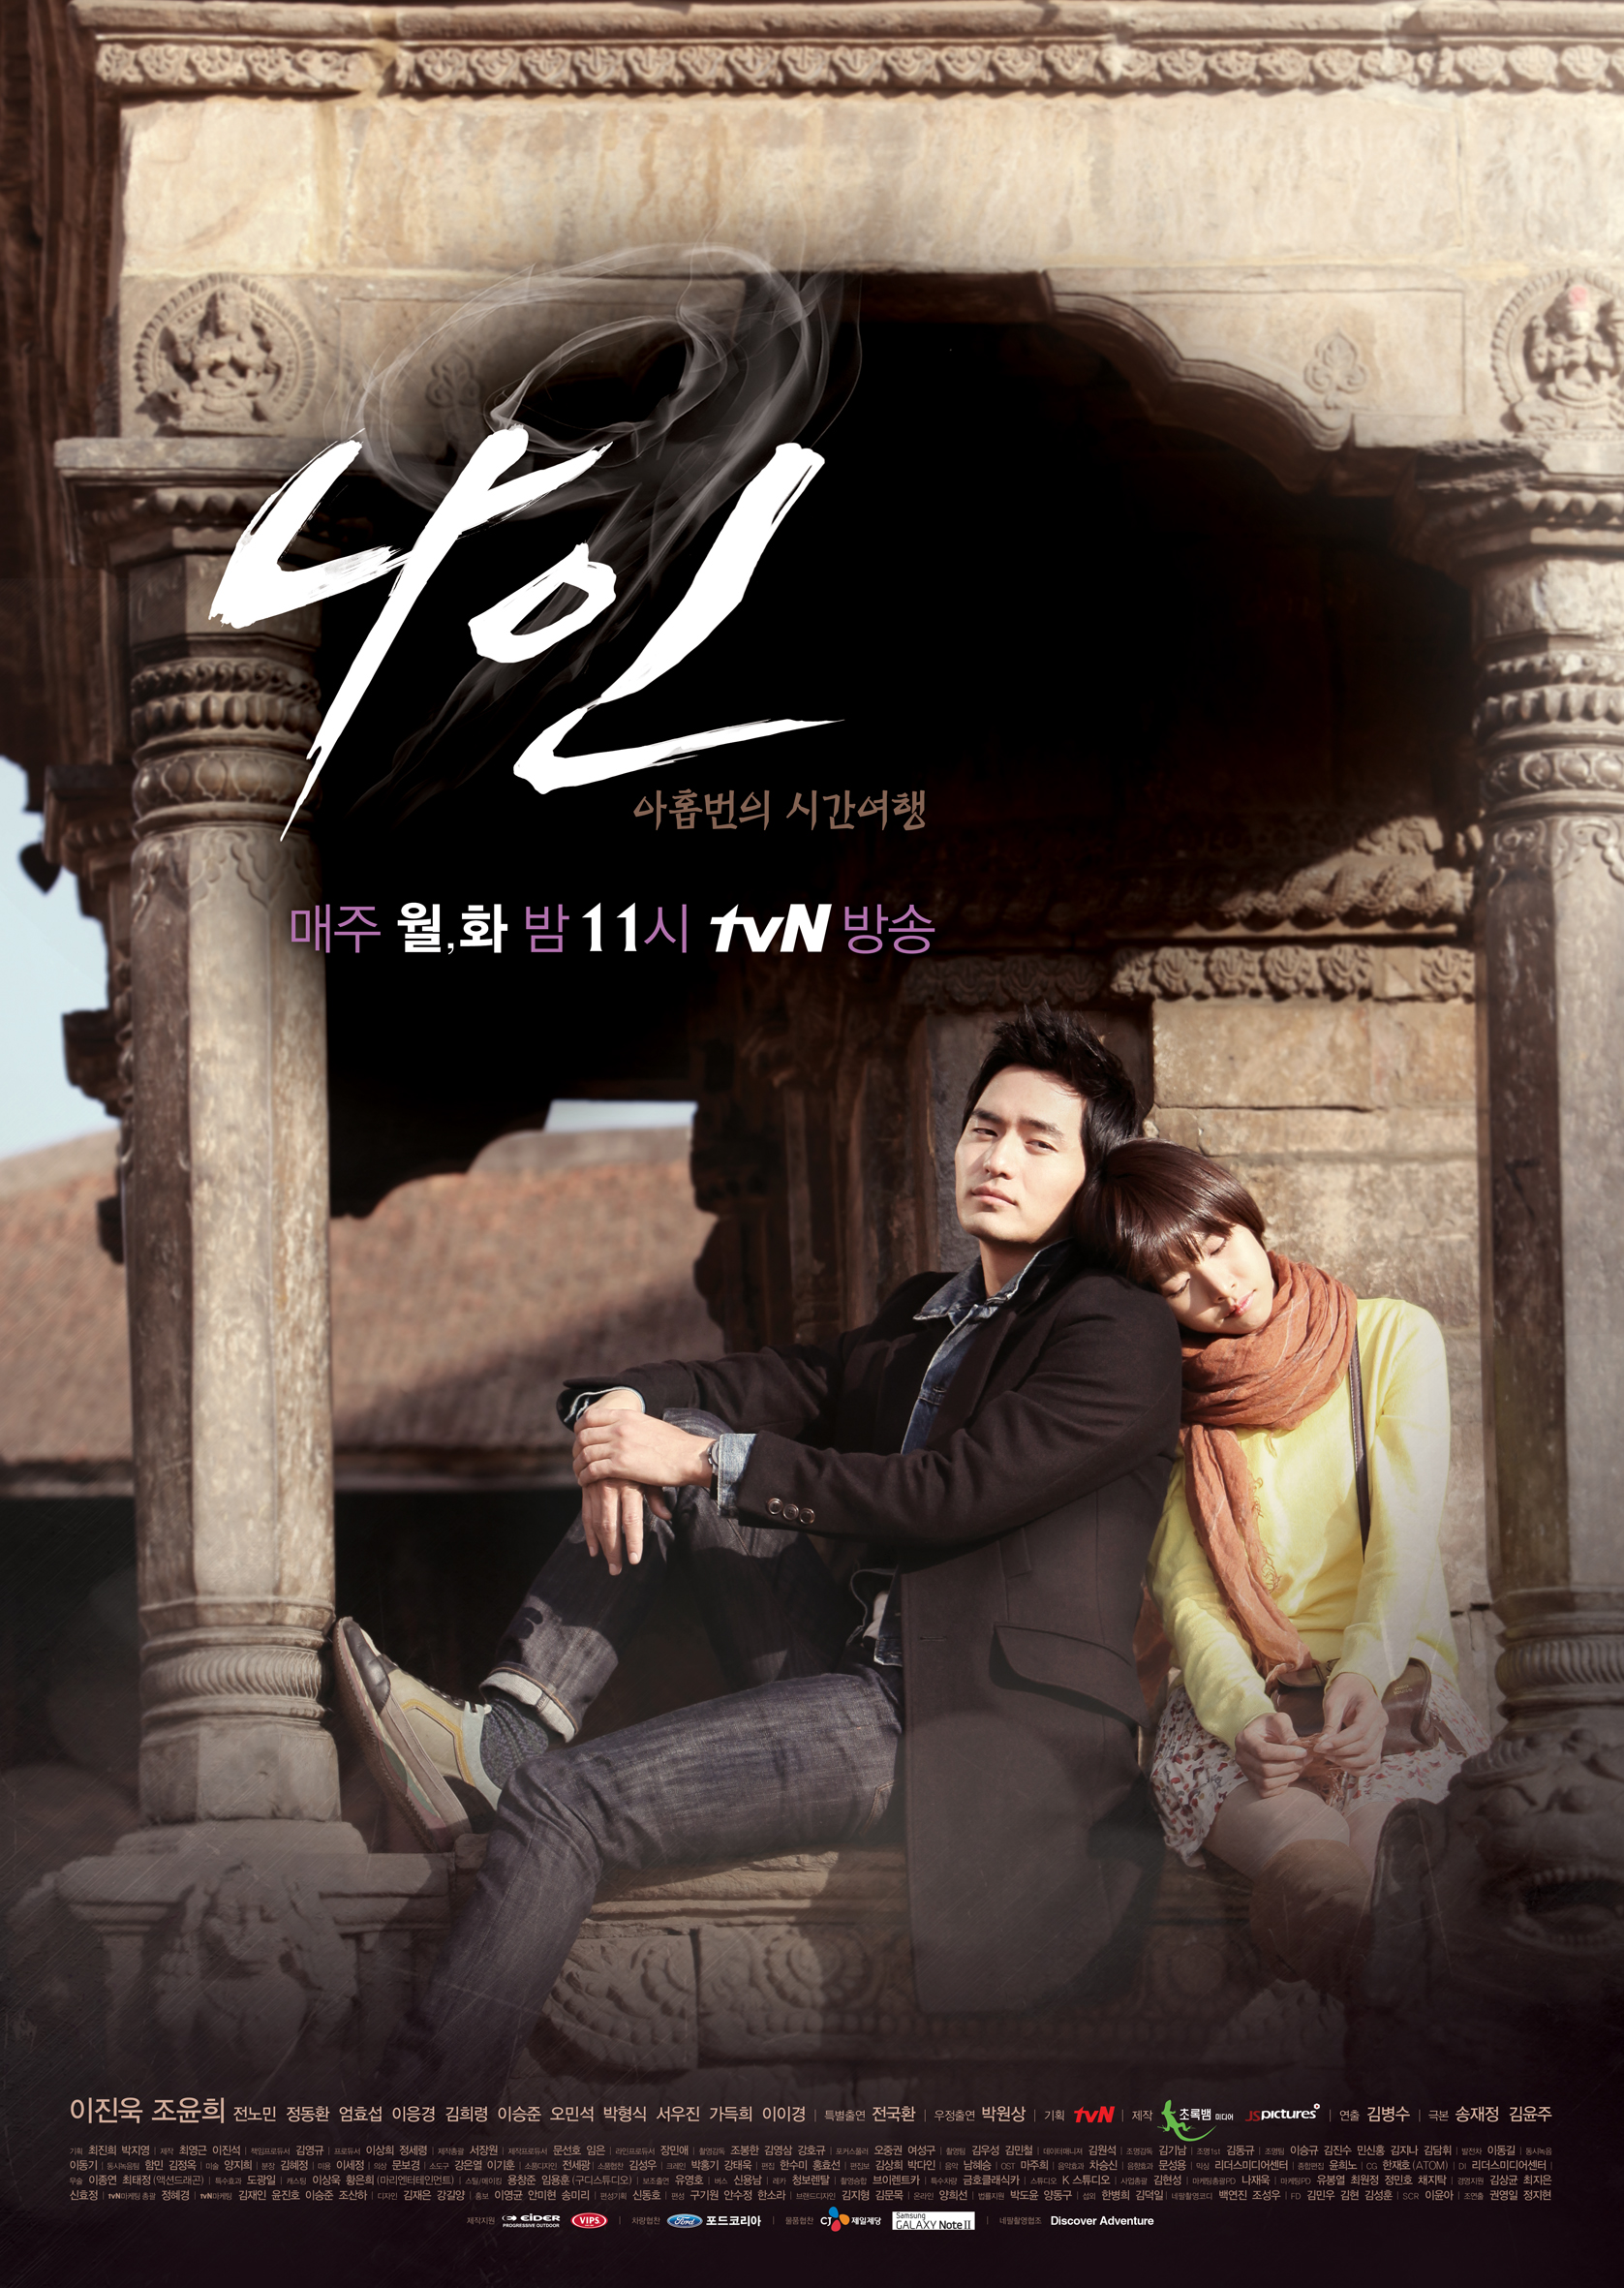 [韓劇] 나인: 아홉 번의 시간여행 (九回時間旅行) (2013) JVUYK5DXMSW7NVFE5Z2K